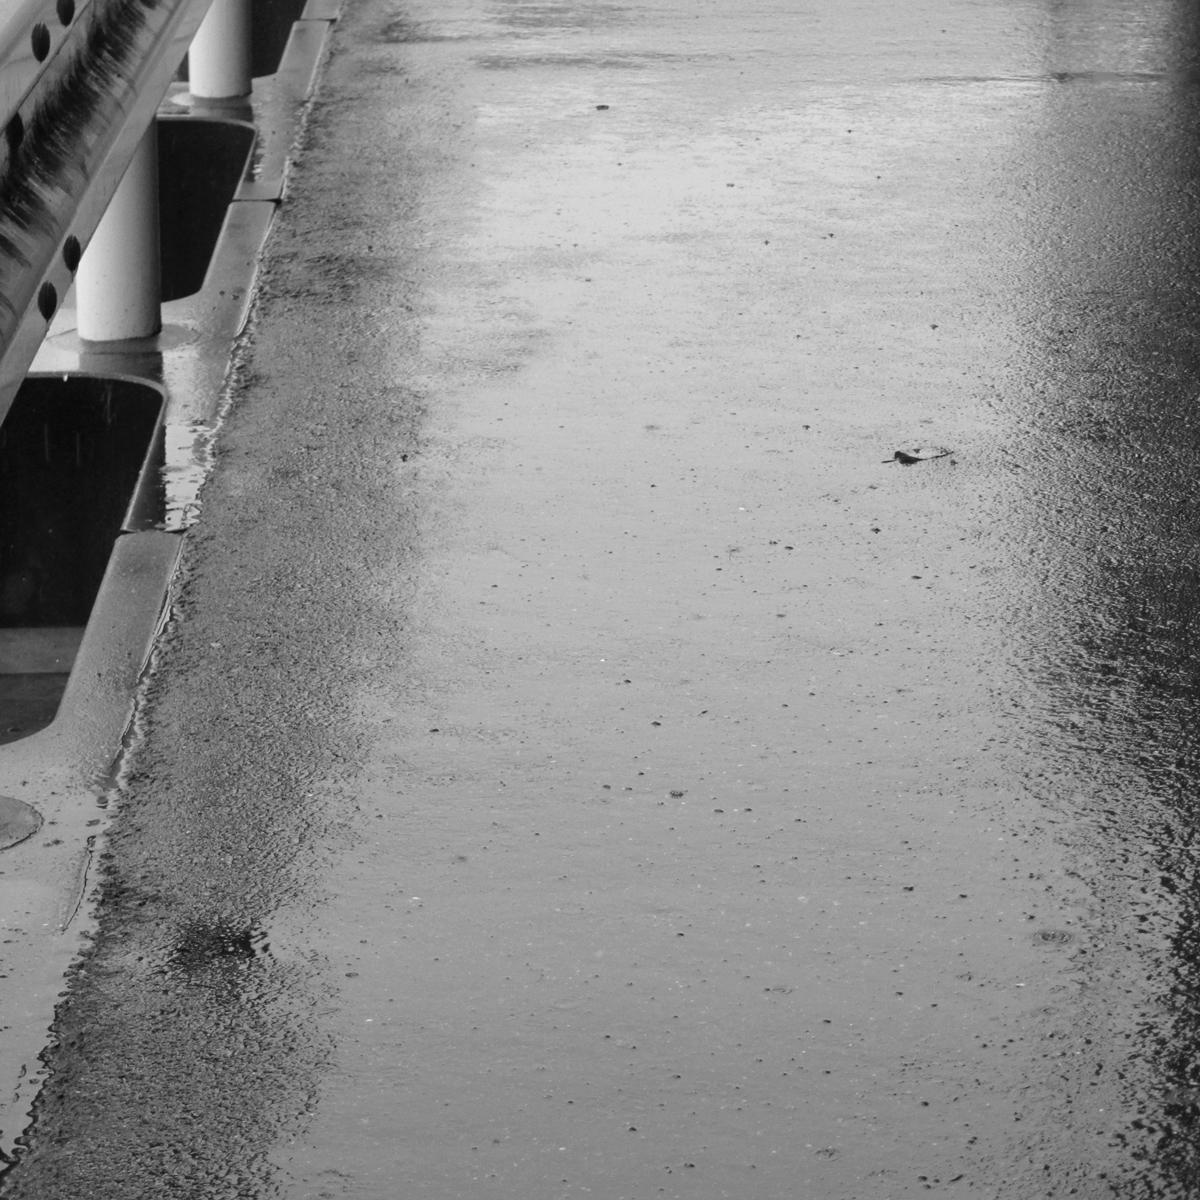 雨の日20150704 (37)